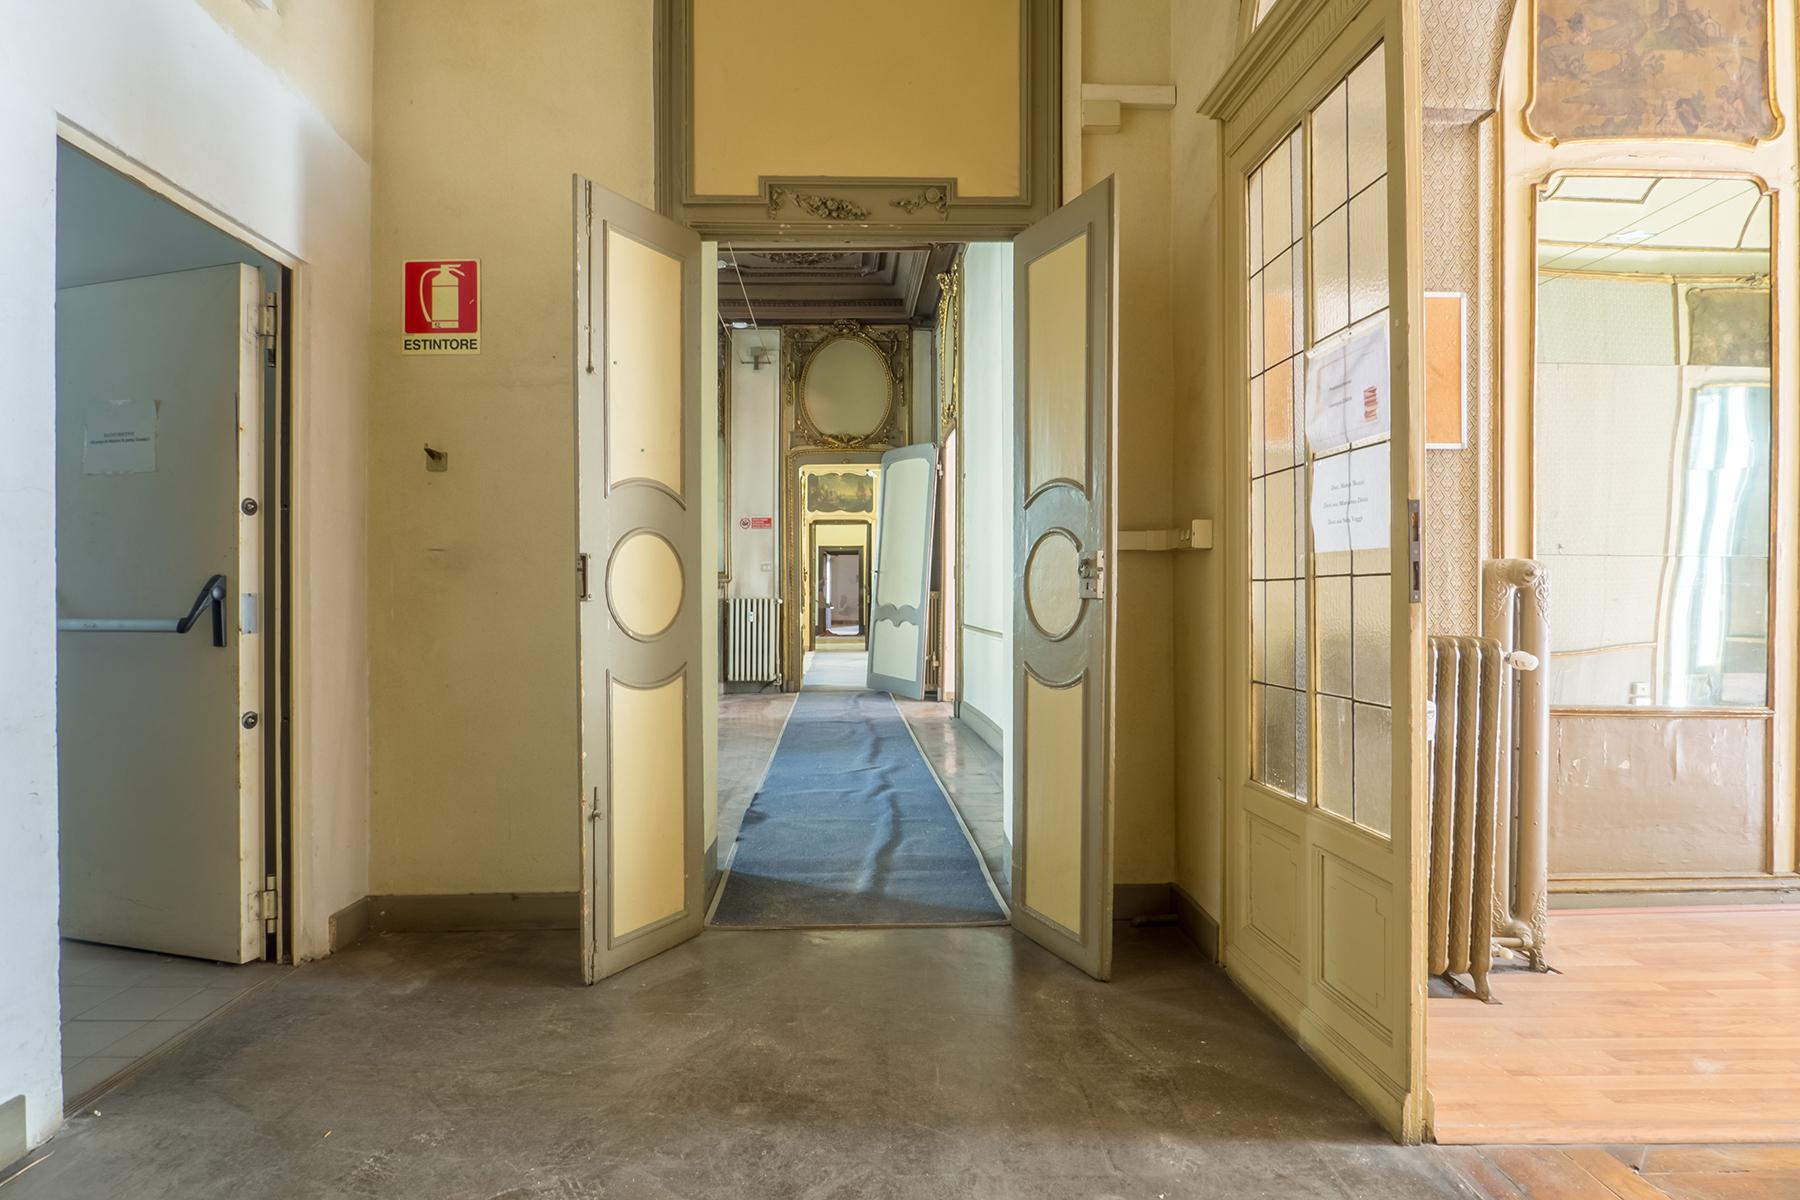 Ufficio-studio in Affitto a Torino: 5 locali, 1000 mq - Foto 11